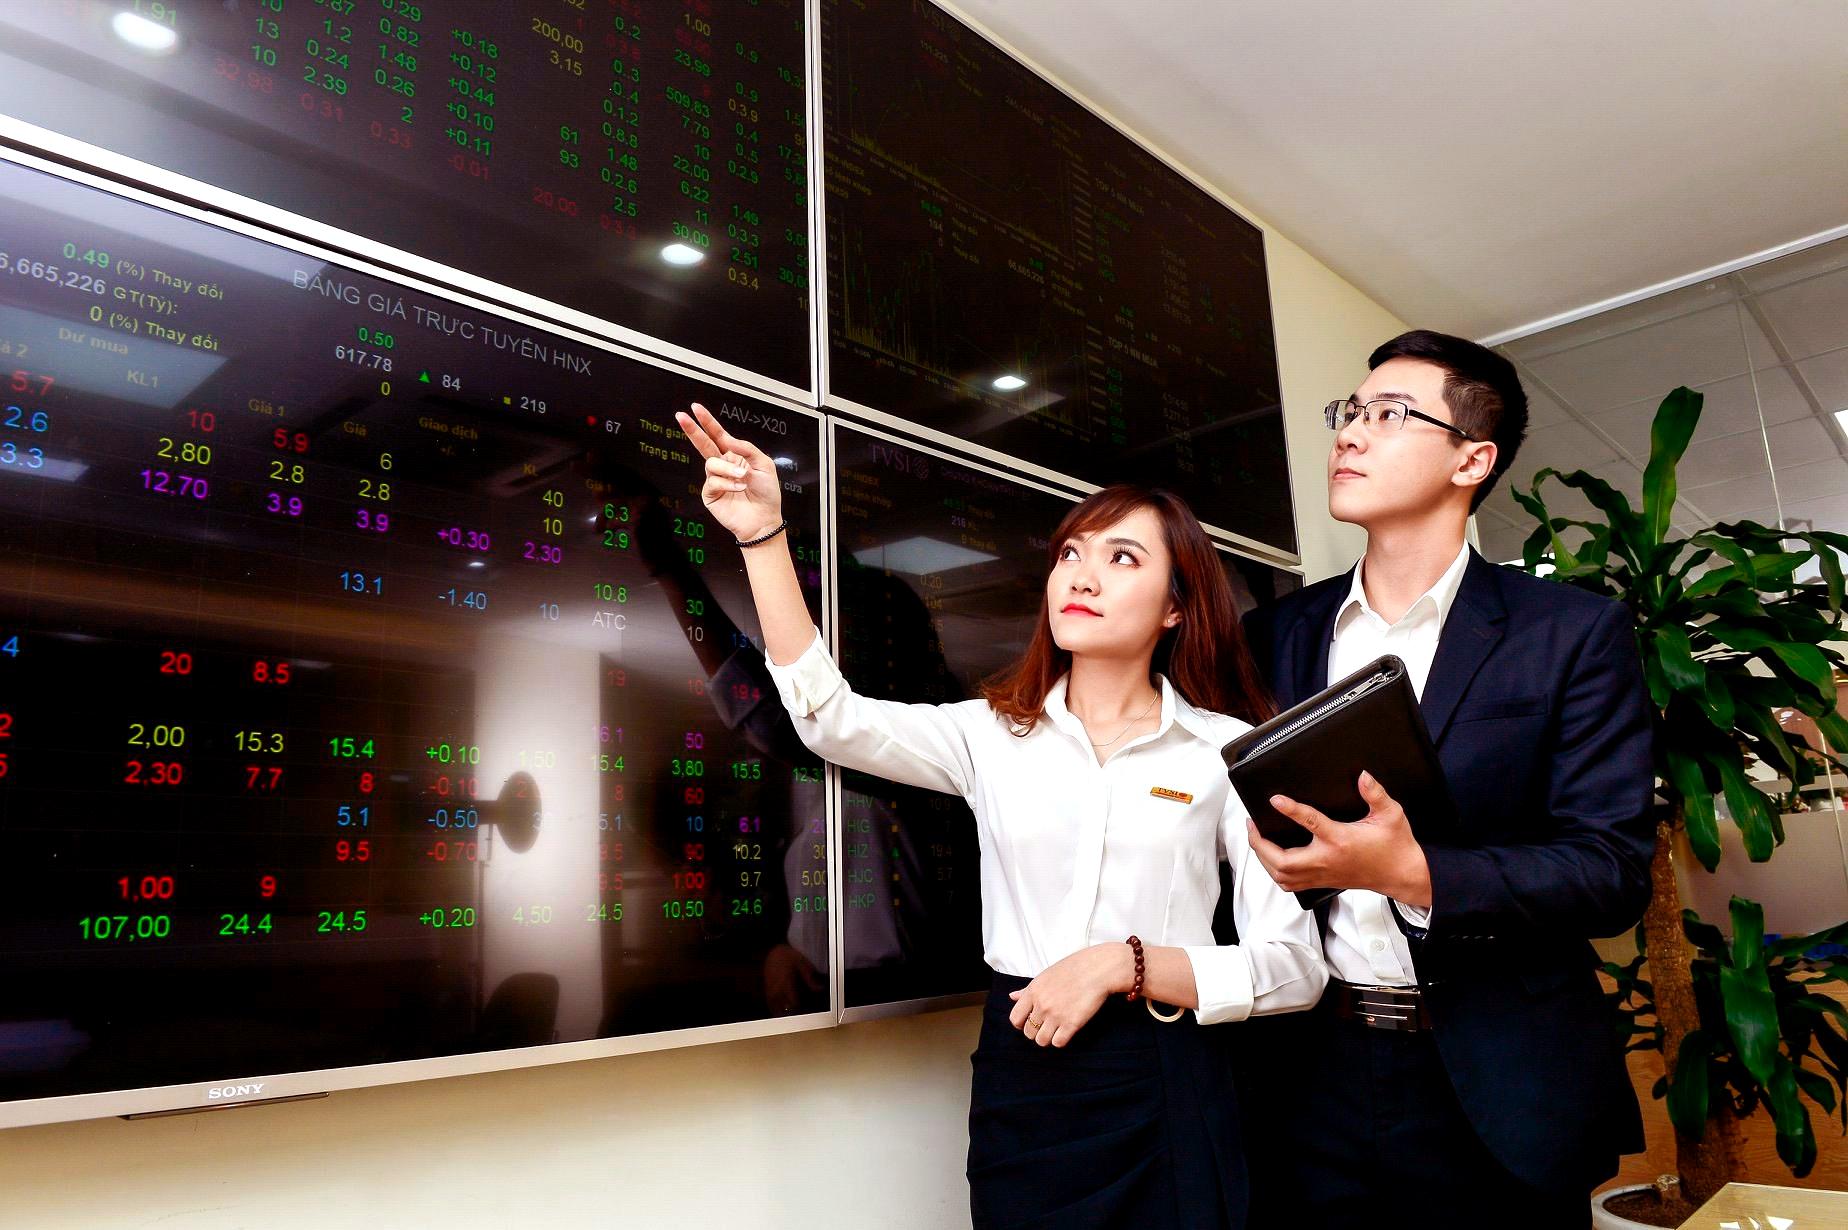 Chứng khoán có phải là kênh kiếm lợi nhuận tốt cho các nhà đầu tư hay không?